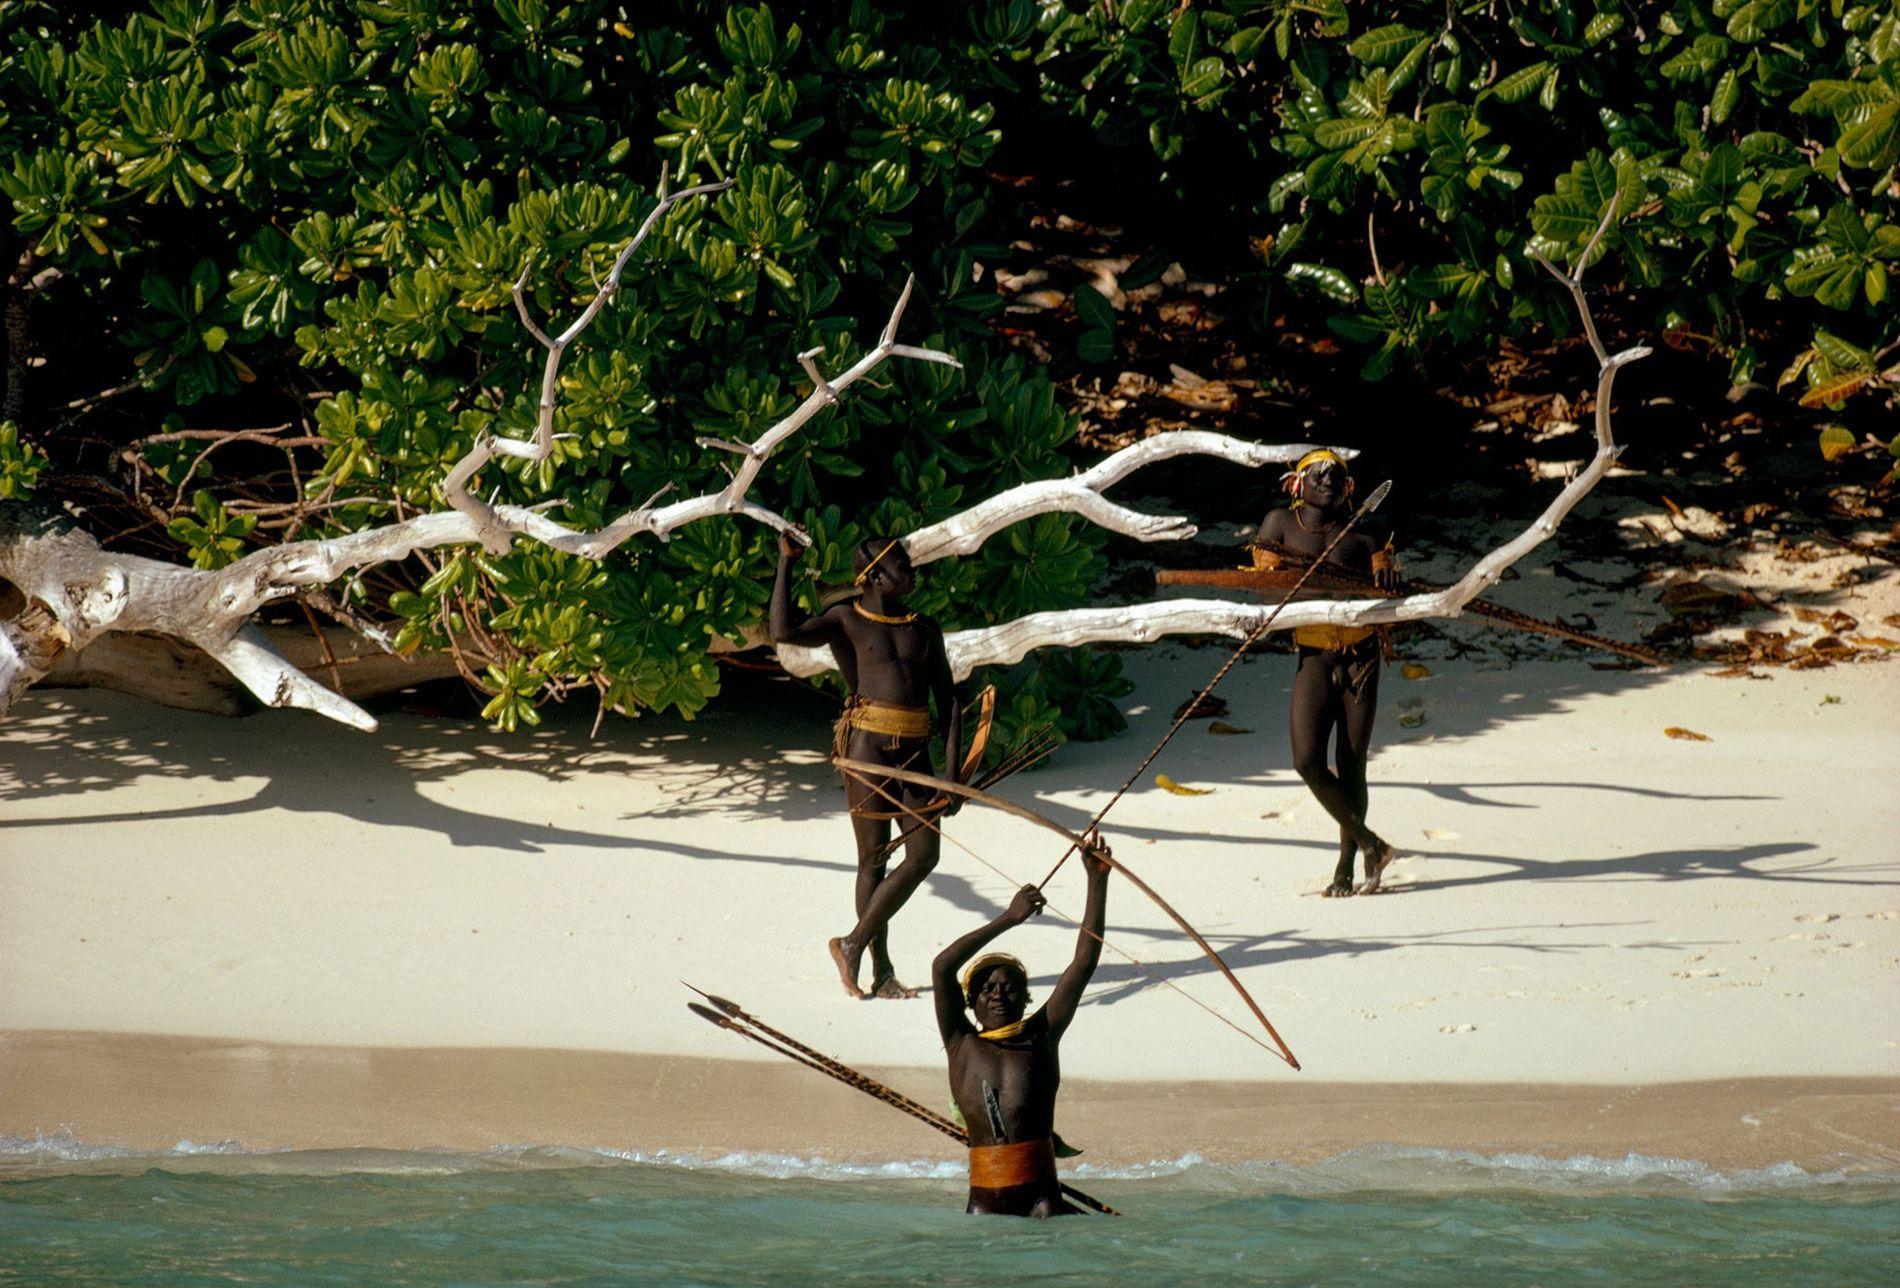 Los indígenas sentineleses de la isla Sentinel del Norte, en el archipiélago de Andamán, resisten ferozmente el contacto con forasteros. Esta fotografía fue sacada durante una expedición de National Geographic en 1974.